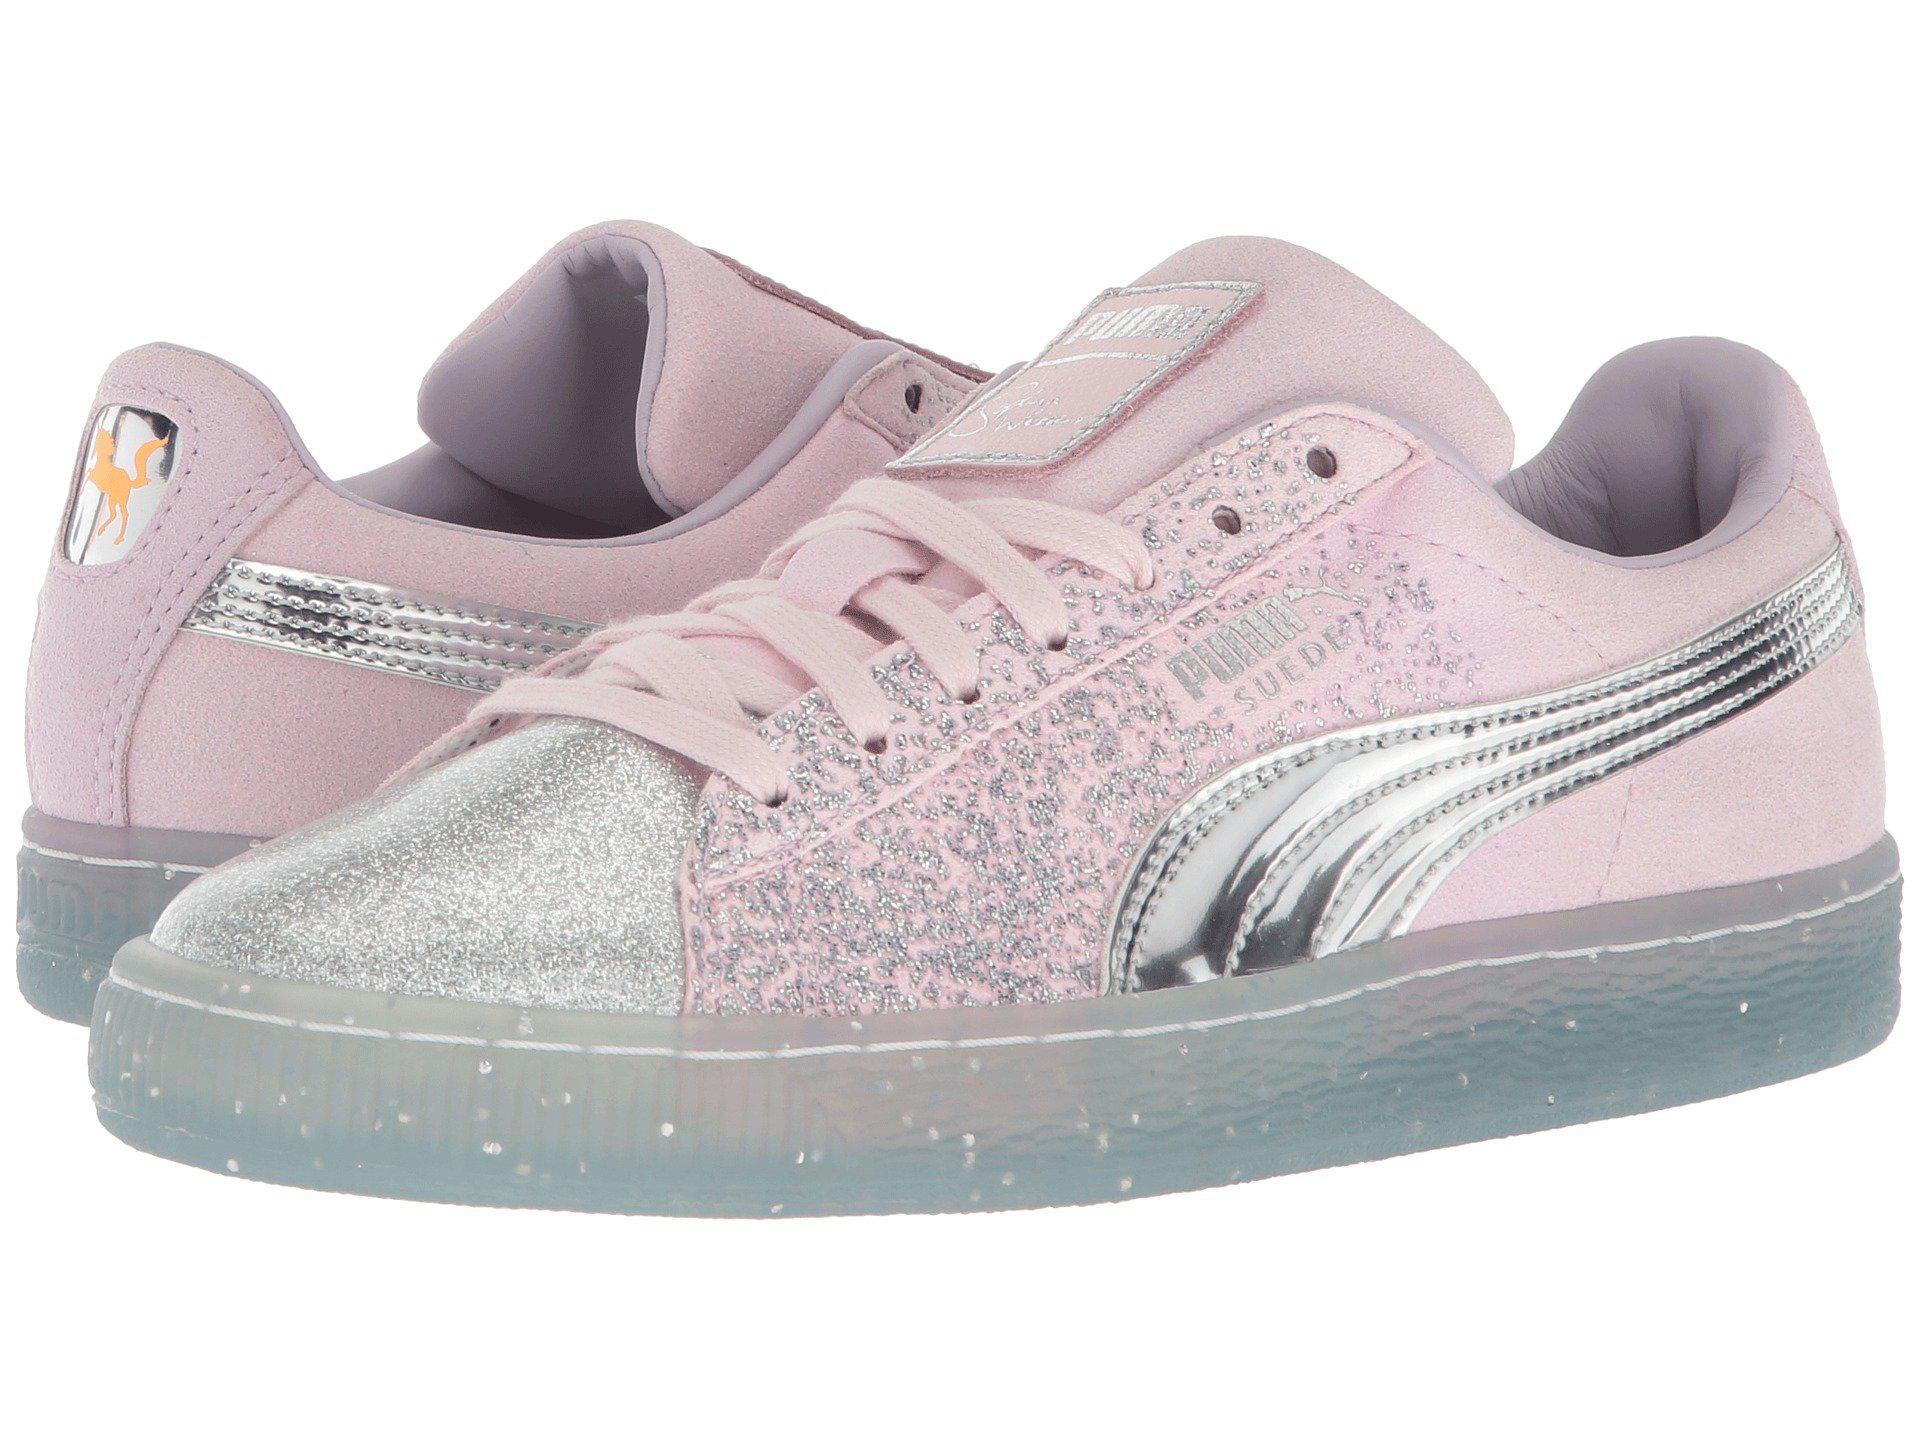 pink glitter pumas new arrivals b7f7b 871df